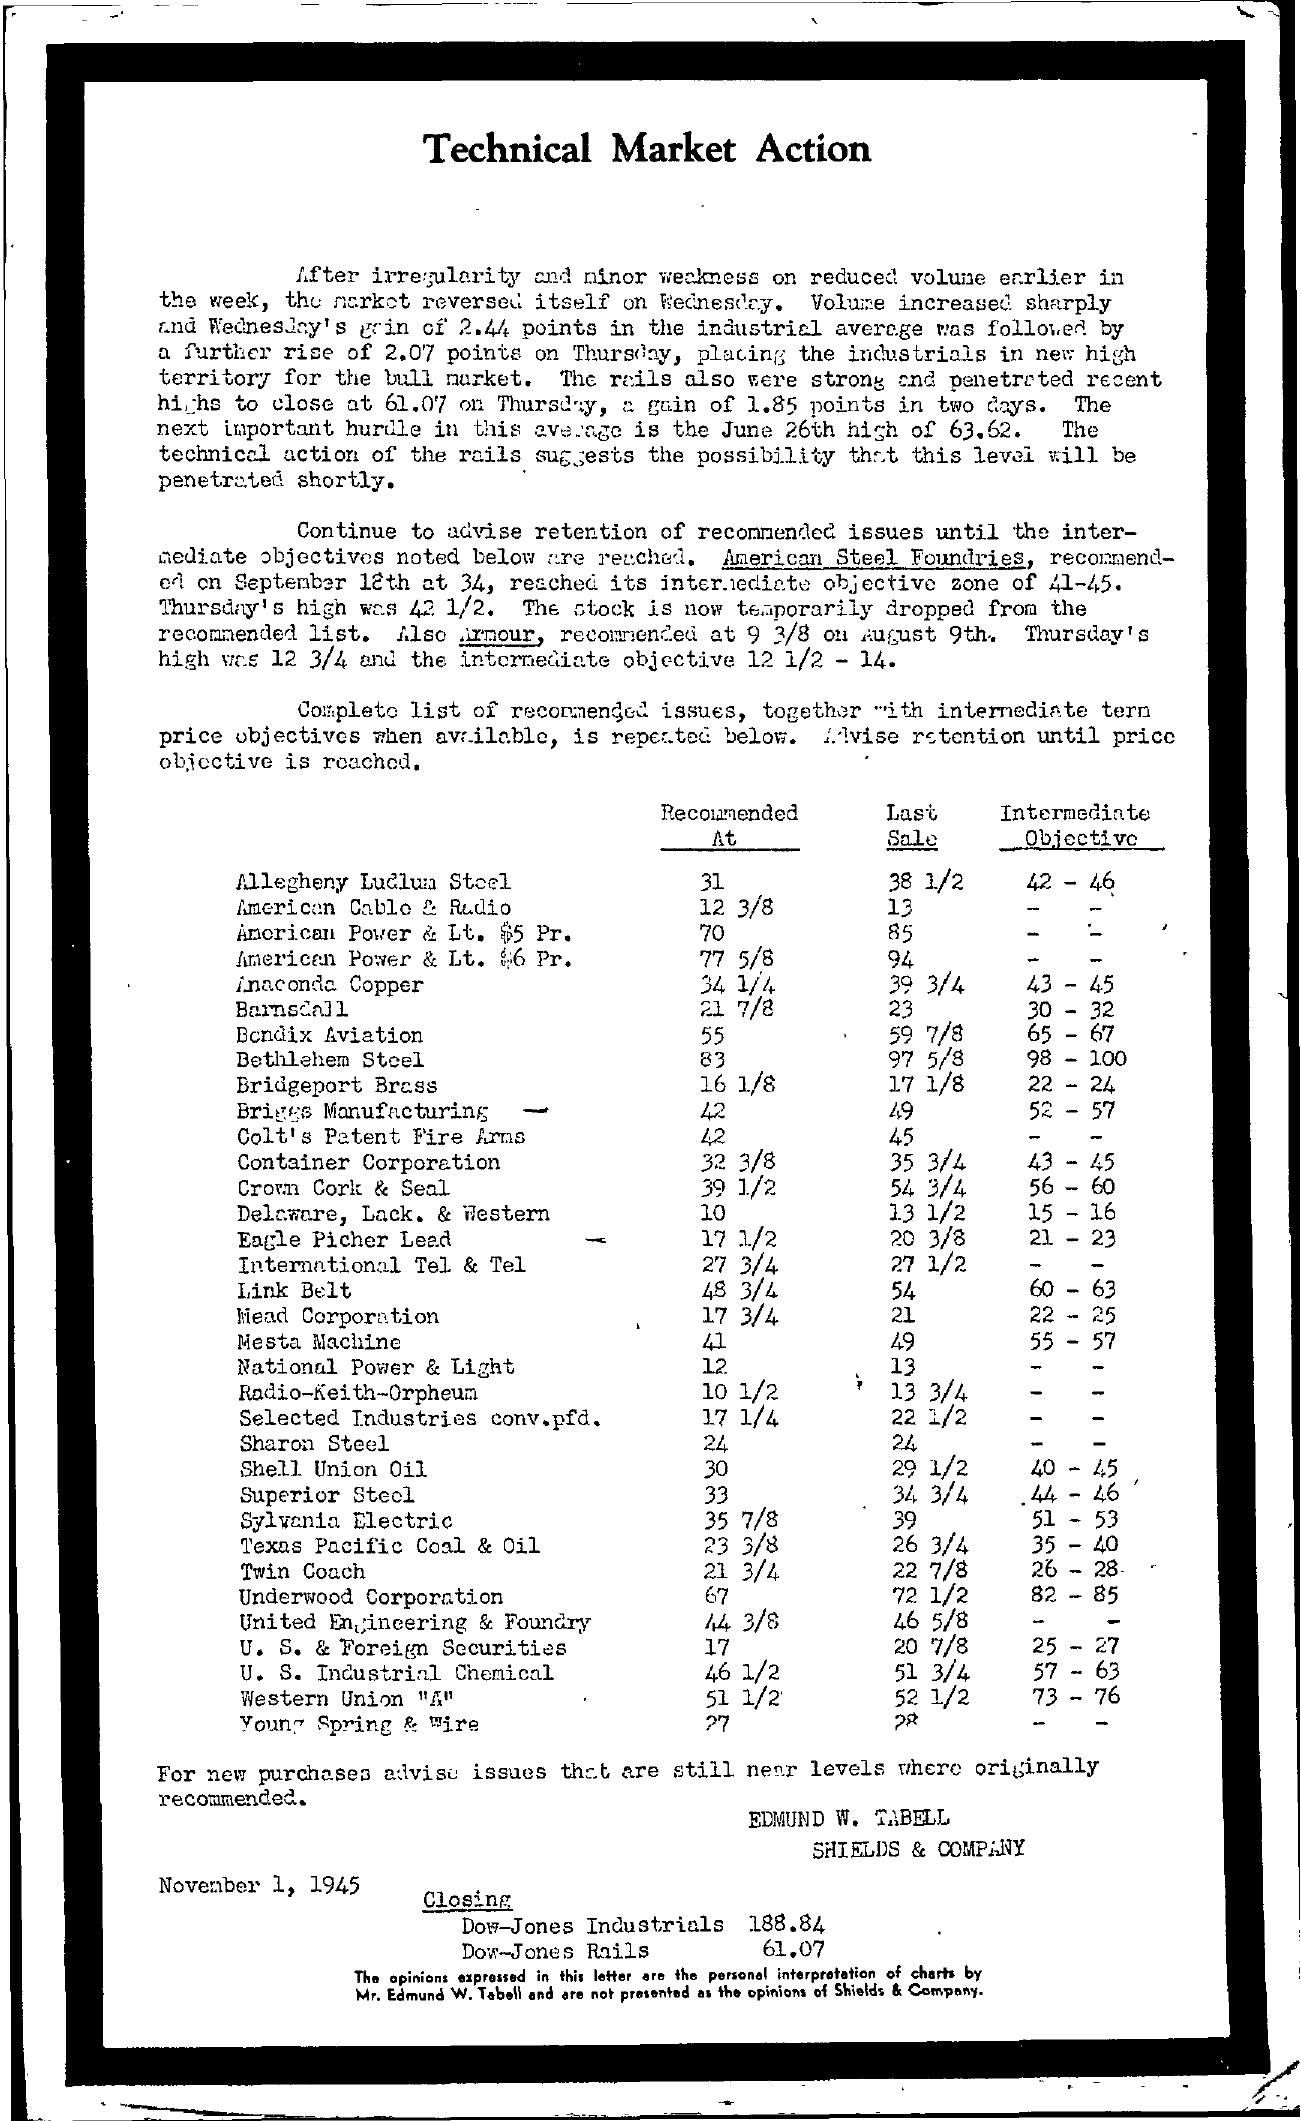 Tabell's Market Letter - November 01, 1945